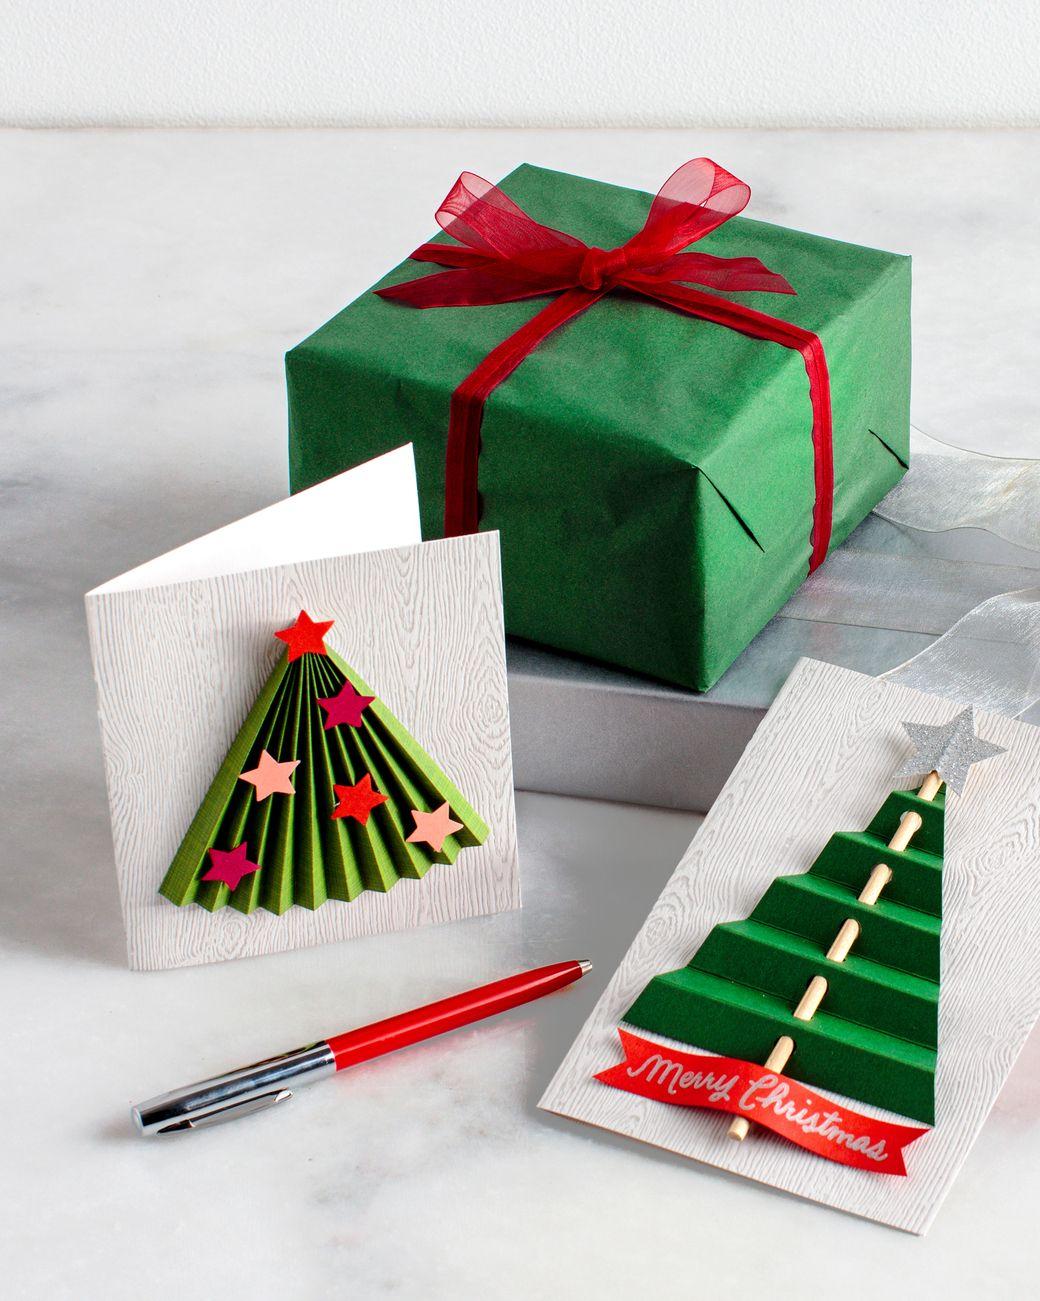 weihnachtskarten selber machen 15 diy ideen anleitung weihnachten pinterest. Black Bedroom Furniture Sets. Home Design Ideas